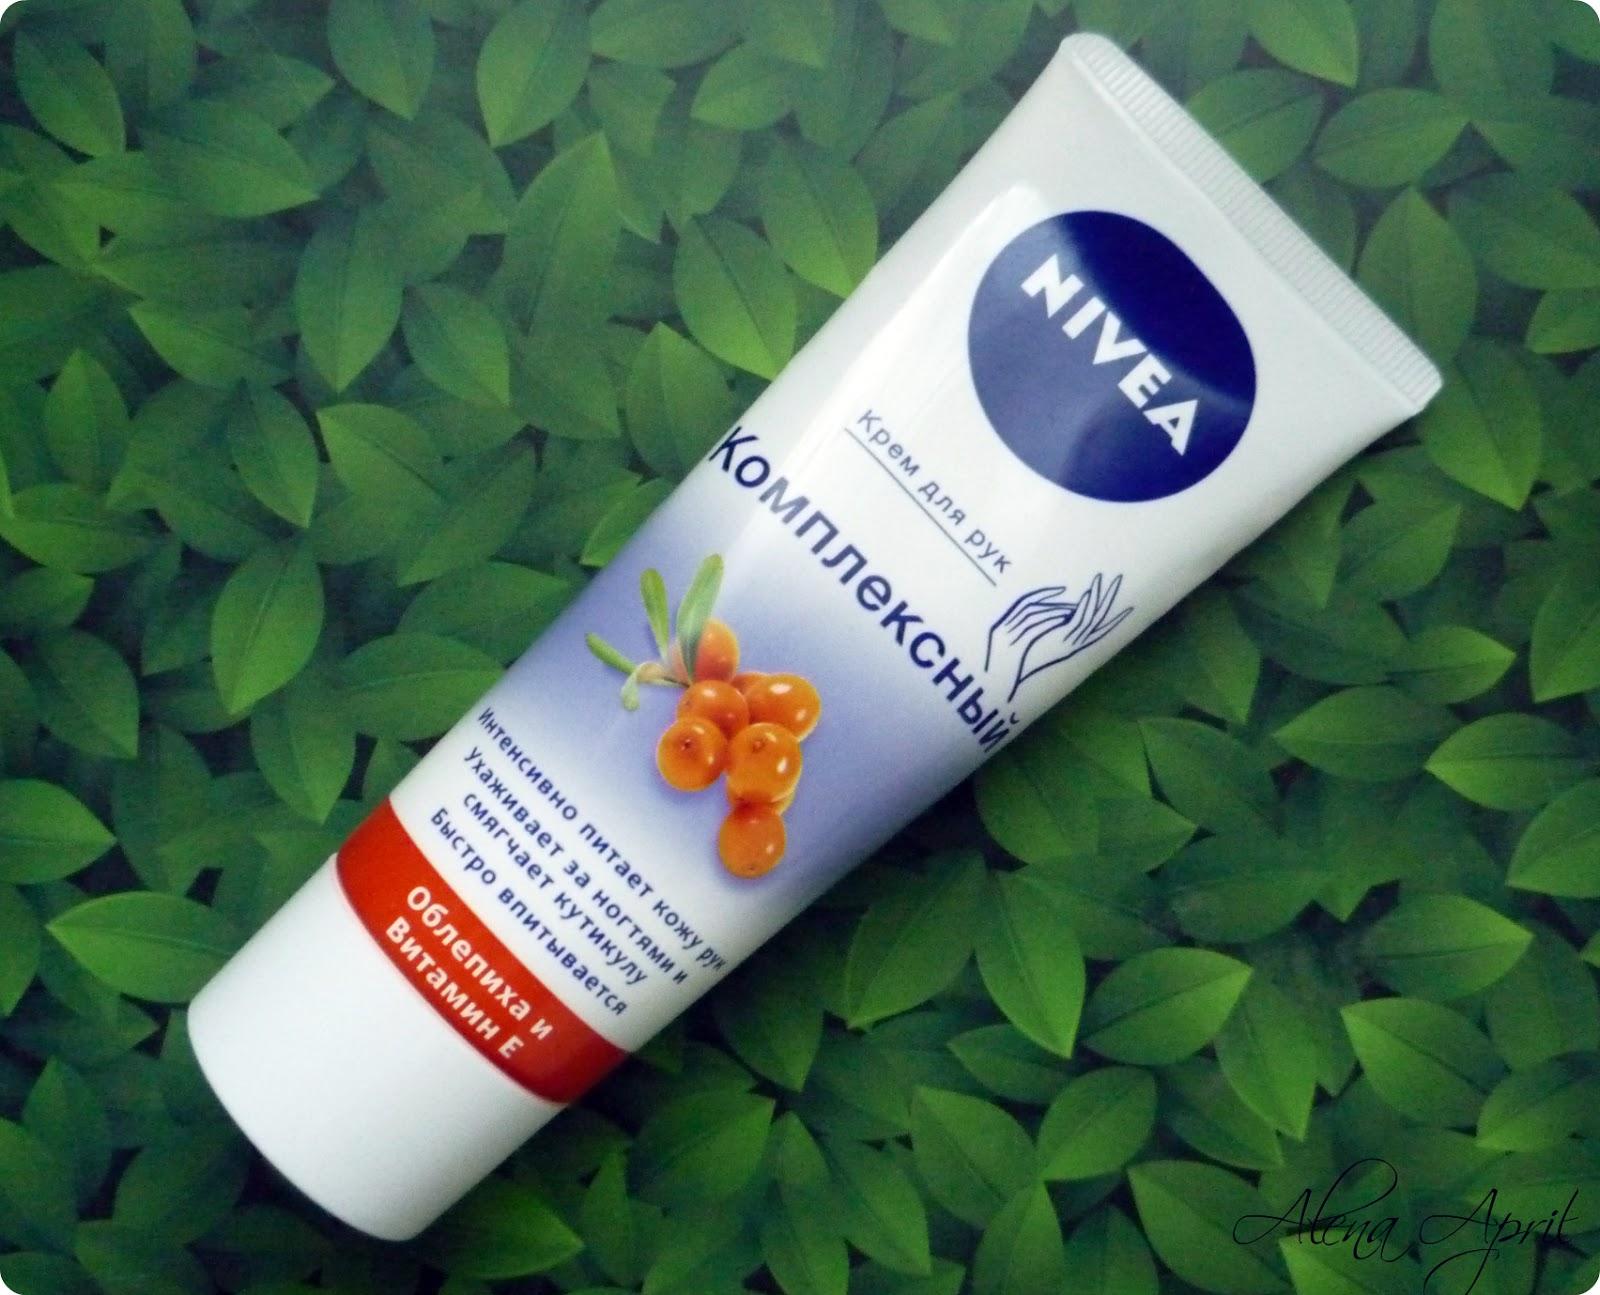 Комплексный крем для рук с облепихой и витамином Е от Nivea, отзыв, обзор